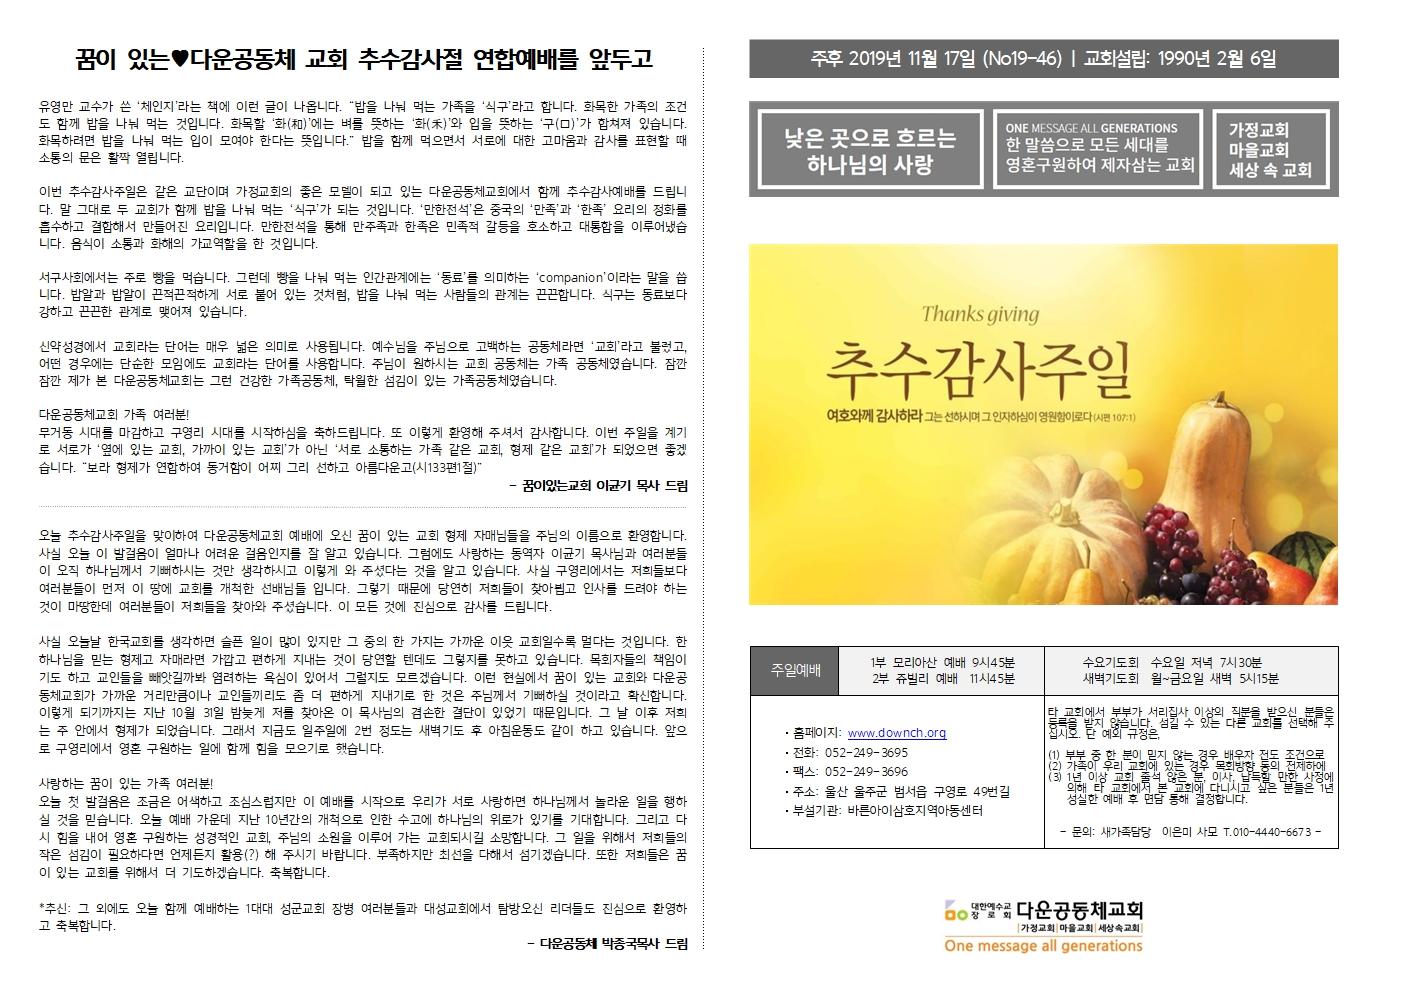 001_구영리교회주보_2019_11-12월005.jpg